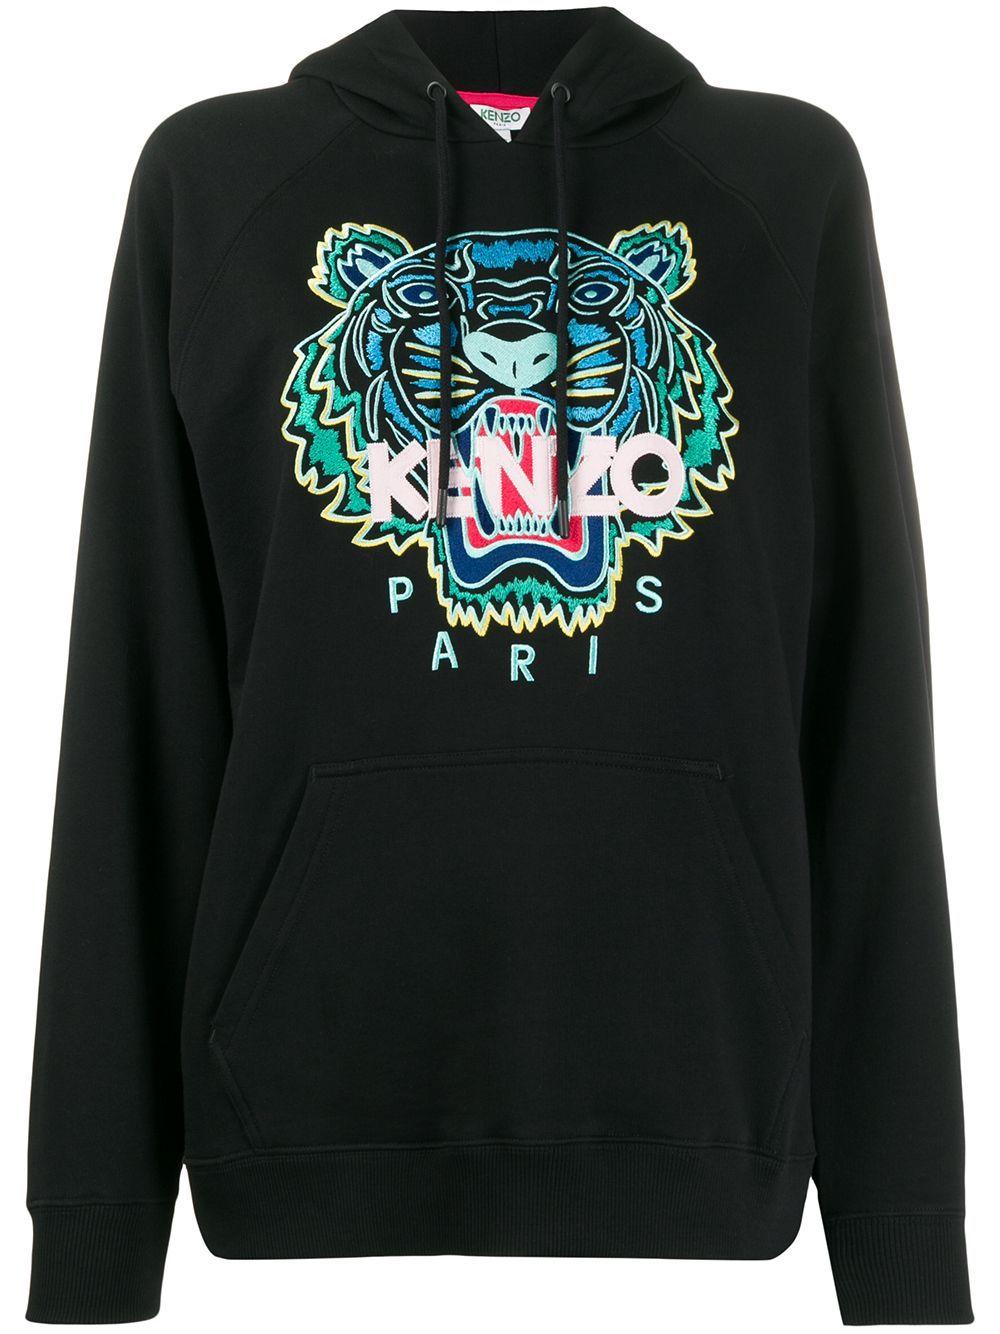 Kenzo Tiger Embroidered Hooded Cotton Sweatshirt In Black Modesens In 2021 Hooded Sweatshirts Kenzo Sweatshirt Sweatshirts [ 1334 x 1000 Pixel ]